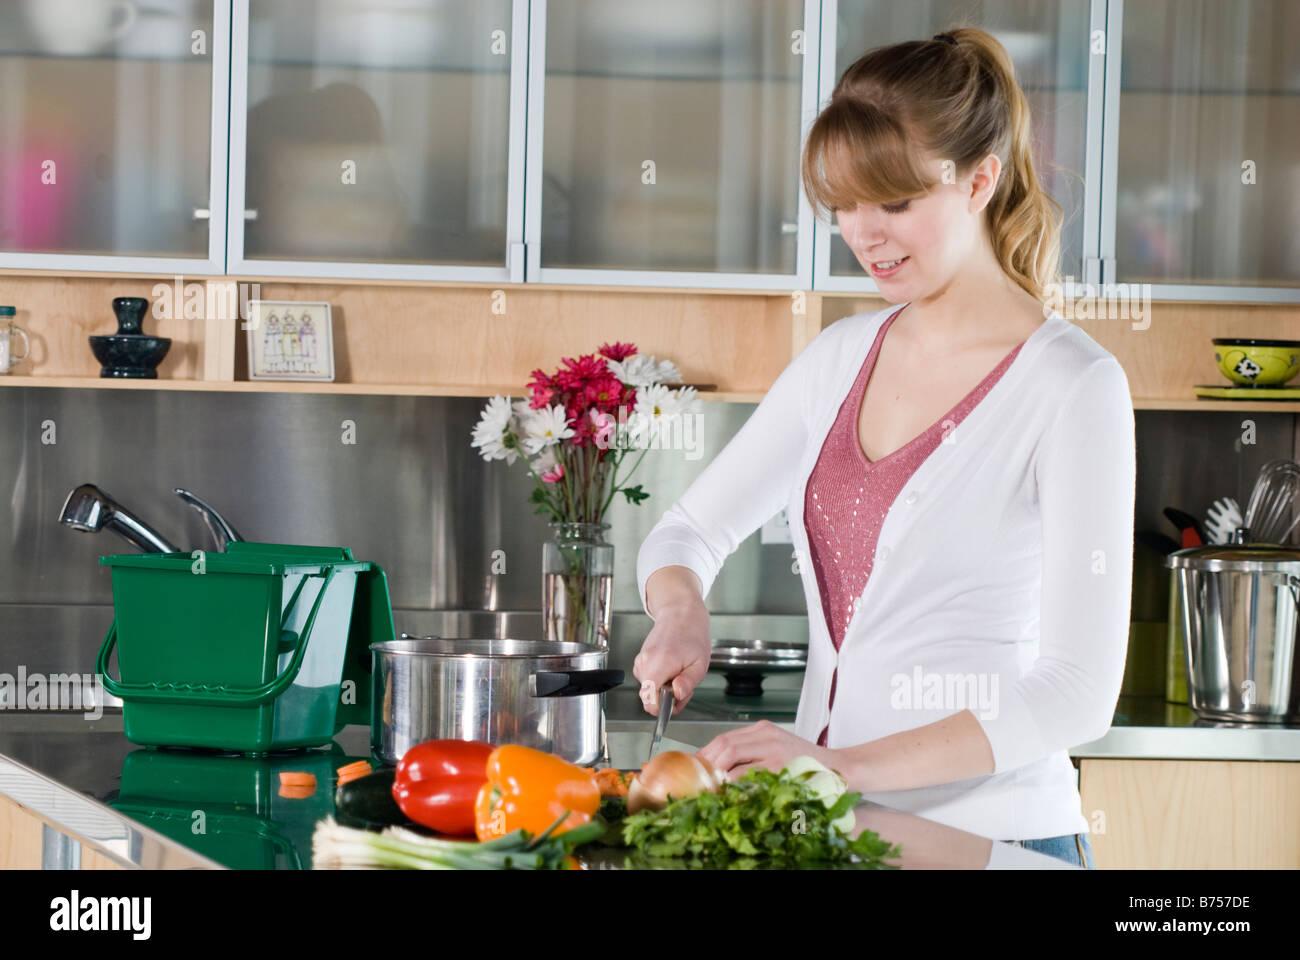 Frau Schneiden von Gemüse, mit grünen Küche Kompost-Eimer zum ...